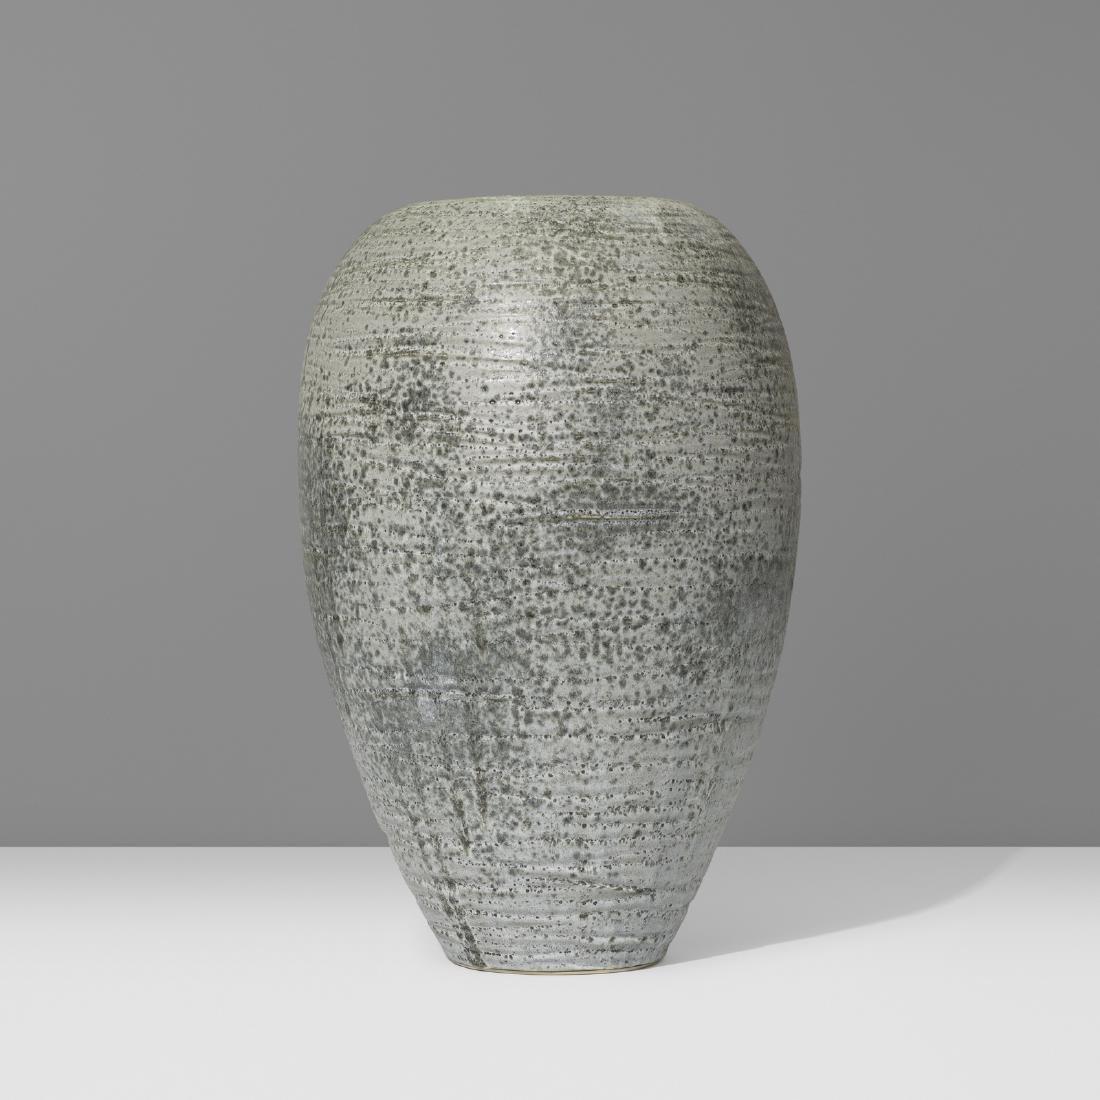 Wurtz & Kjaergaard, vase